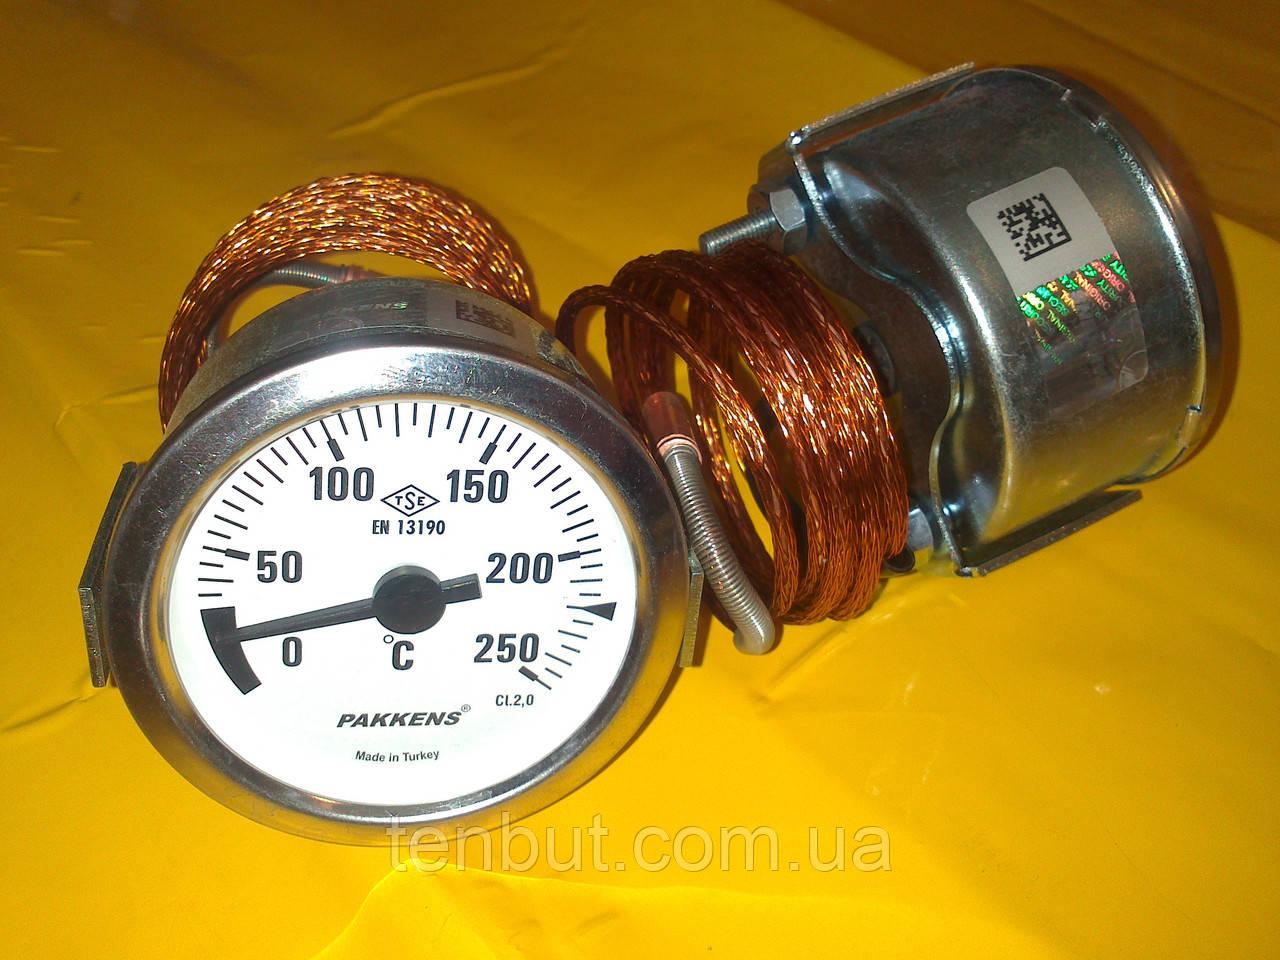 Термометр металлический 250°C градусов Ø-60 мм. с капилляром 1-метр. PAKKENS производство Турция